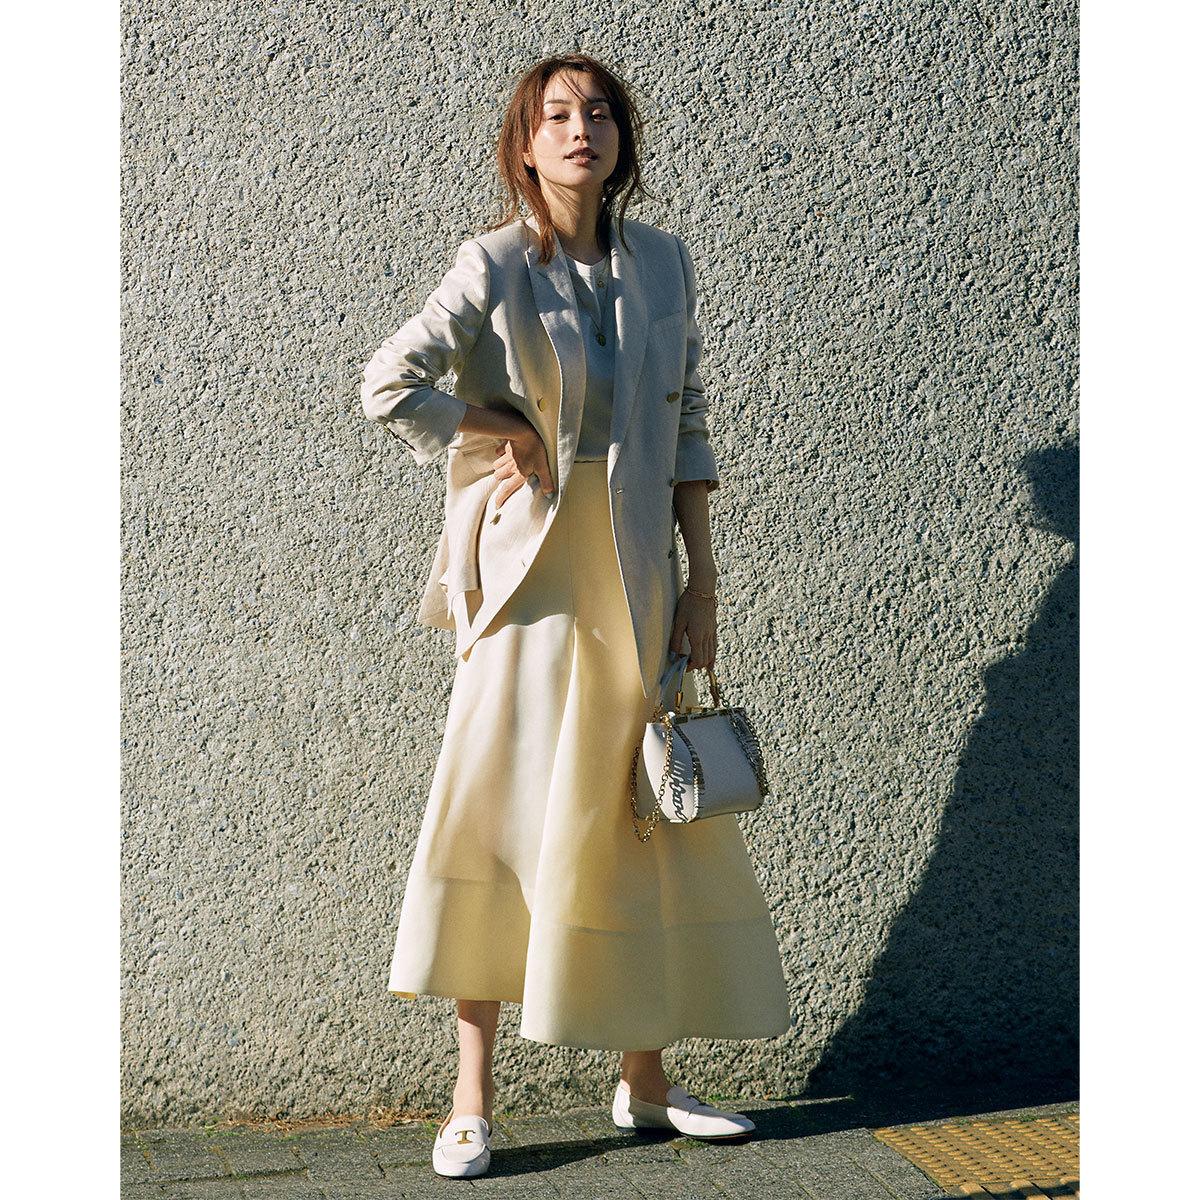 ■イエローのフレアスカート×ベージュのジャケットコーデ